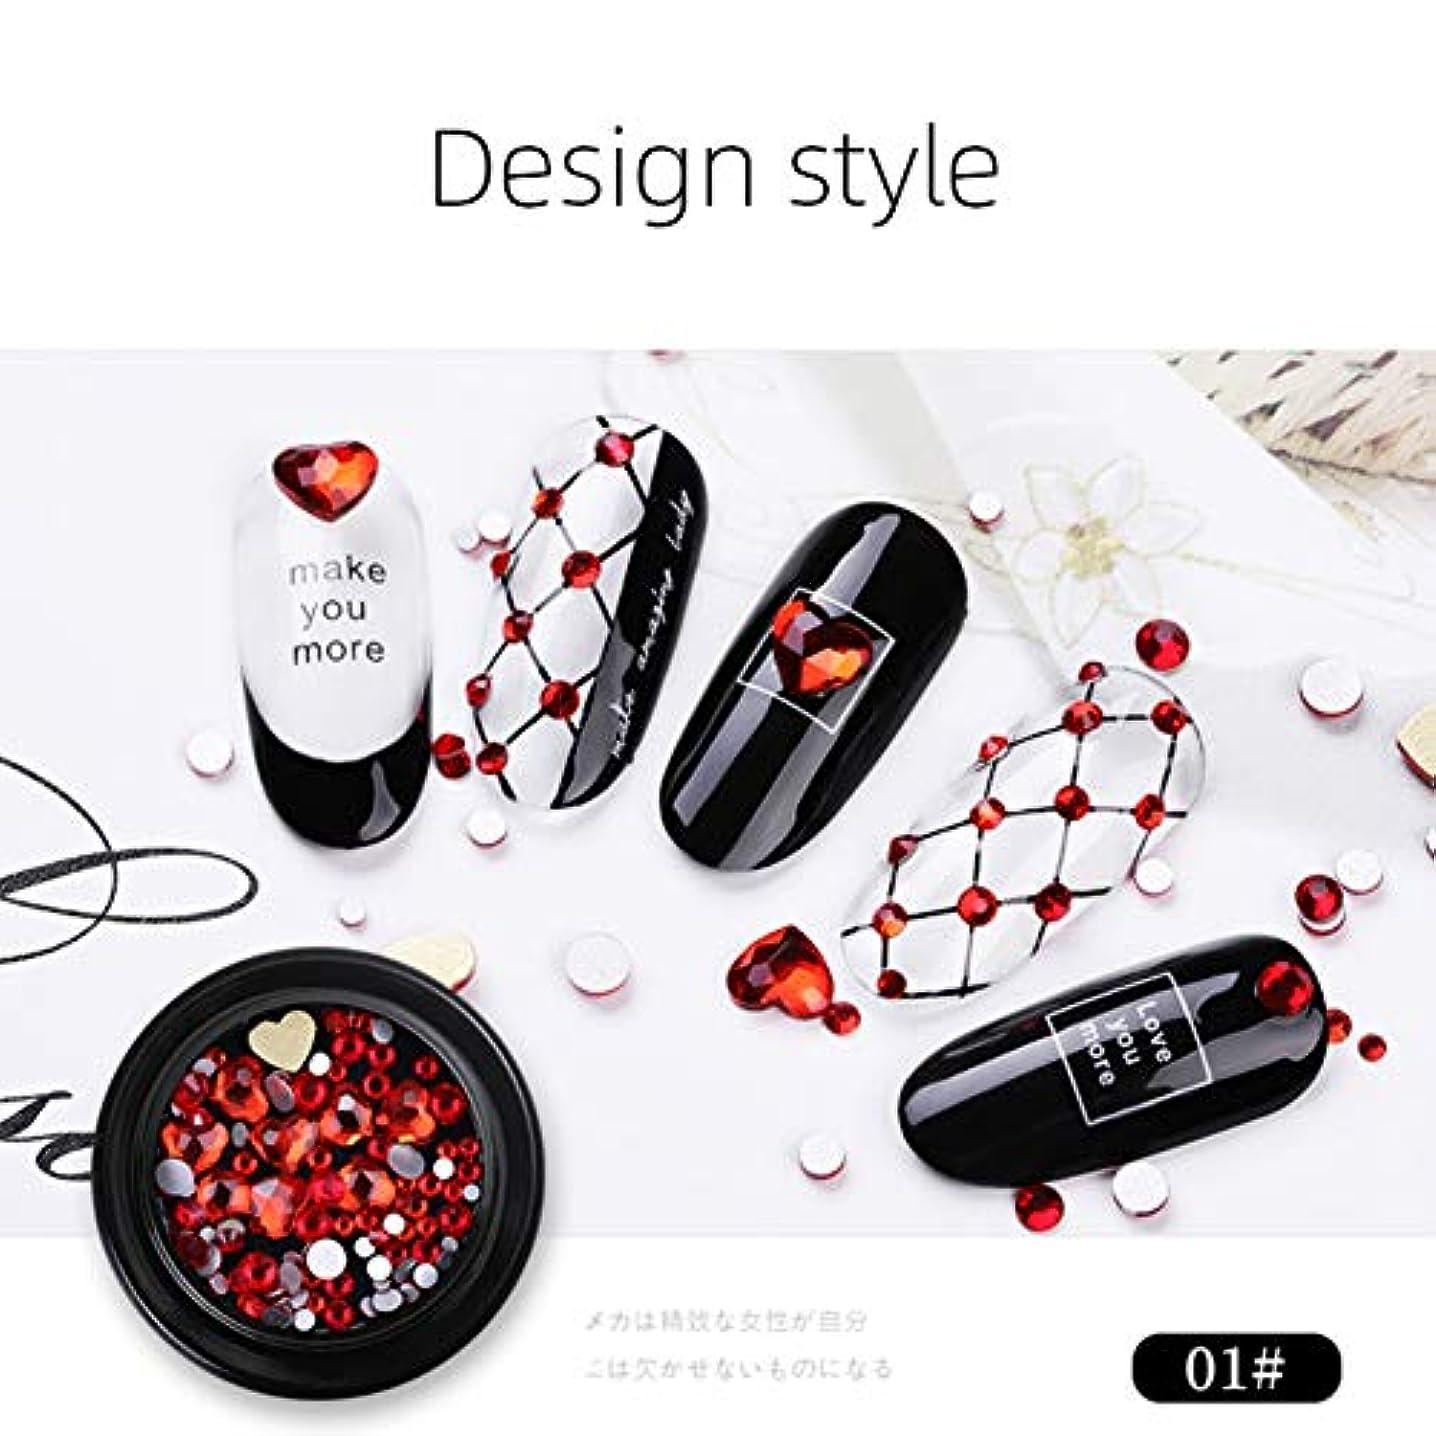 拍車同化する法的KISSION マニキュア ガラスドリルミキシング 光沢のあるスティックドリル ダイヤモンド ジュエリー装飾 ネイルDIY ファッションネイルアクセサリー